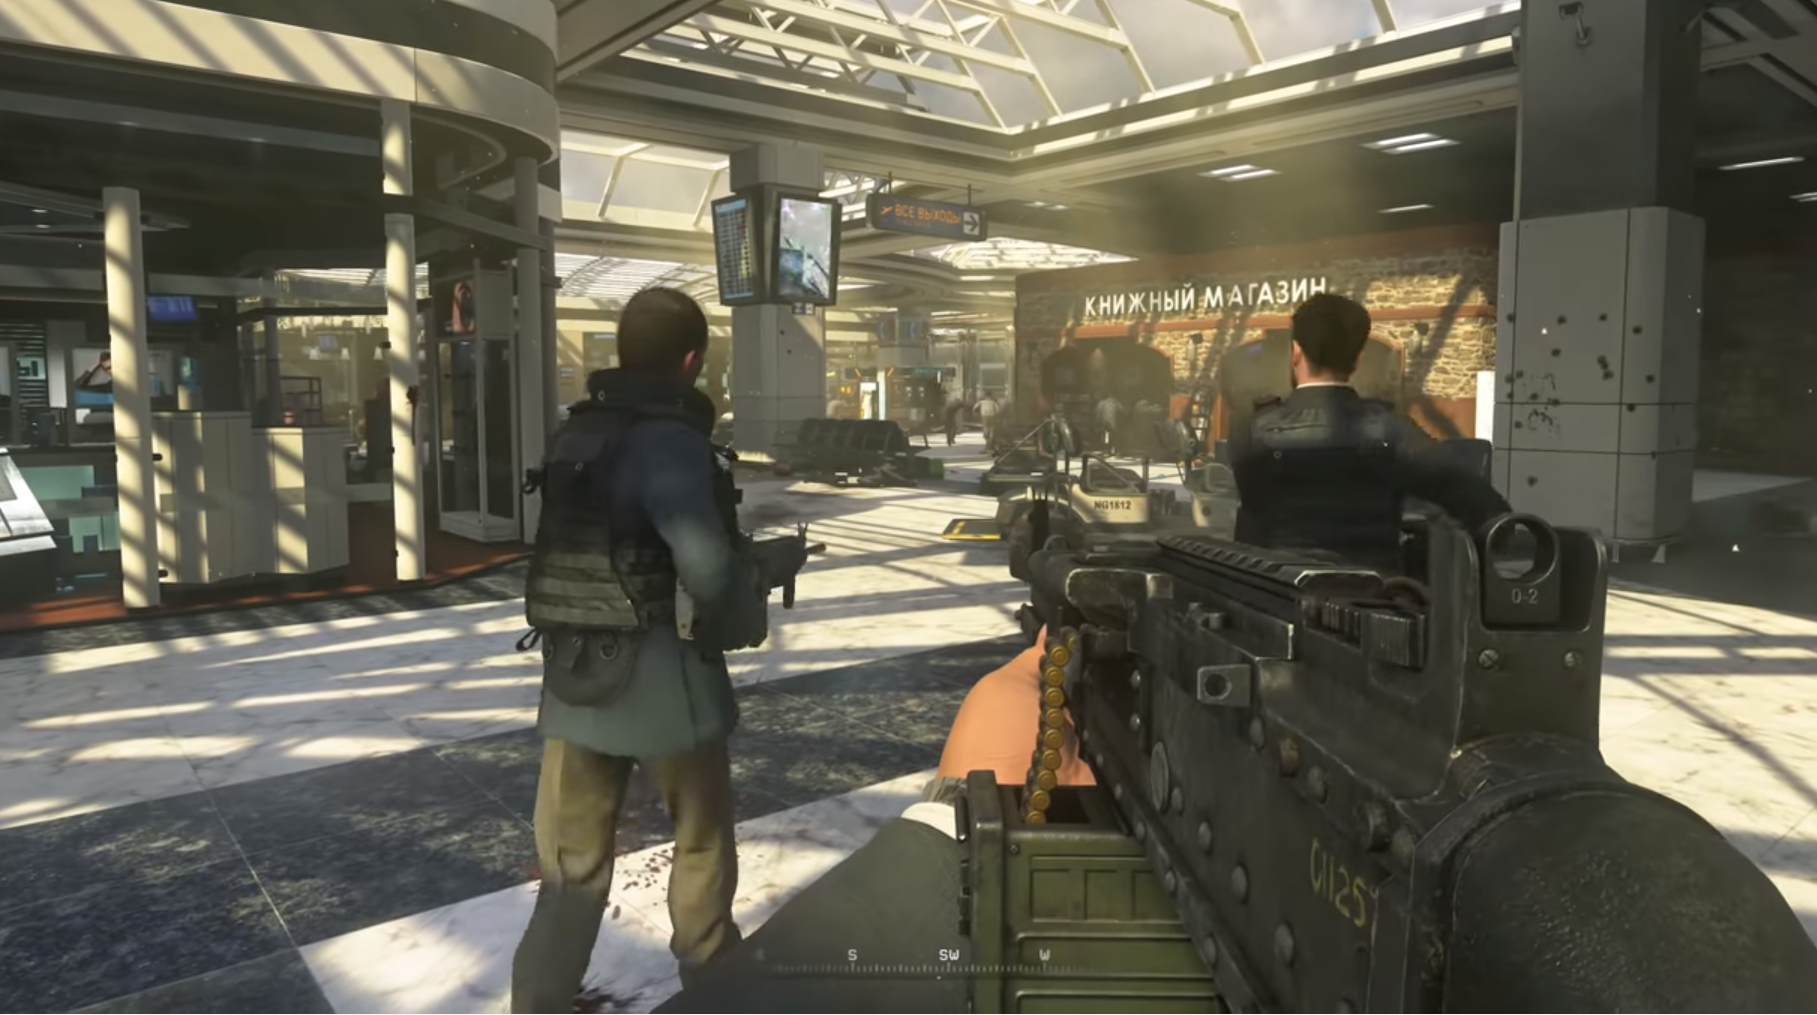 El ataque terrorista de bandera falsa de Modern Warfare 2 resuena por las razones equivocadas en 2020 5